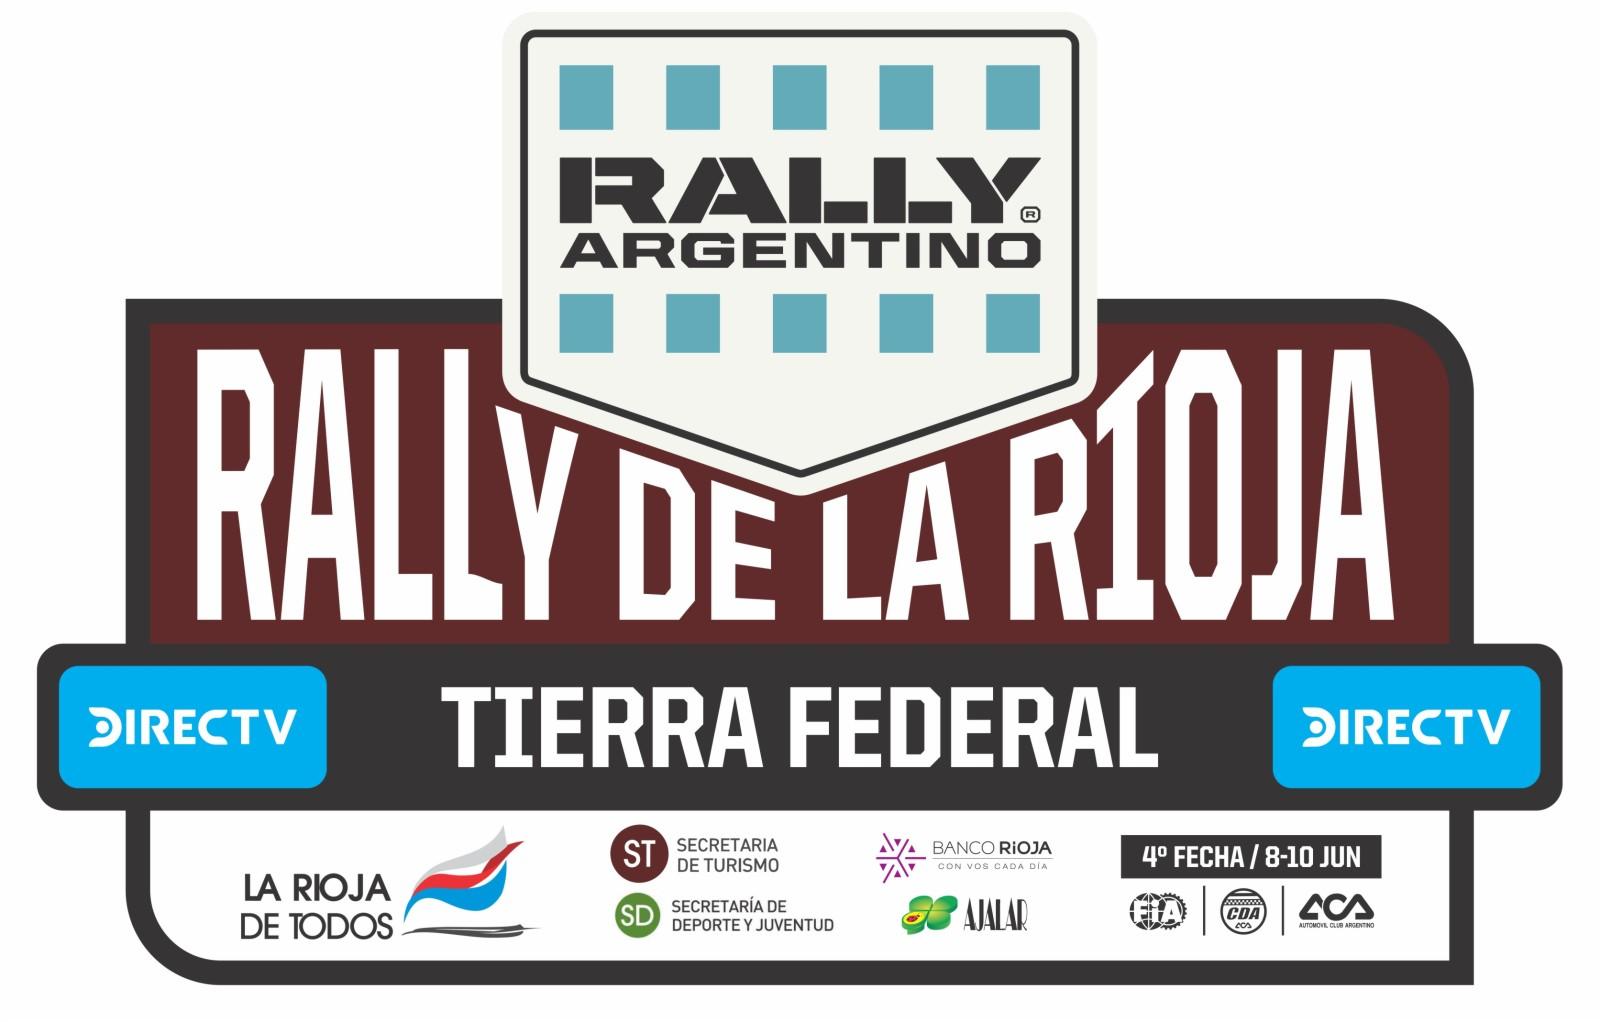 Presentacion La Rioja 2 pag 6